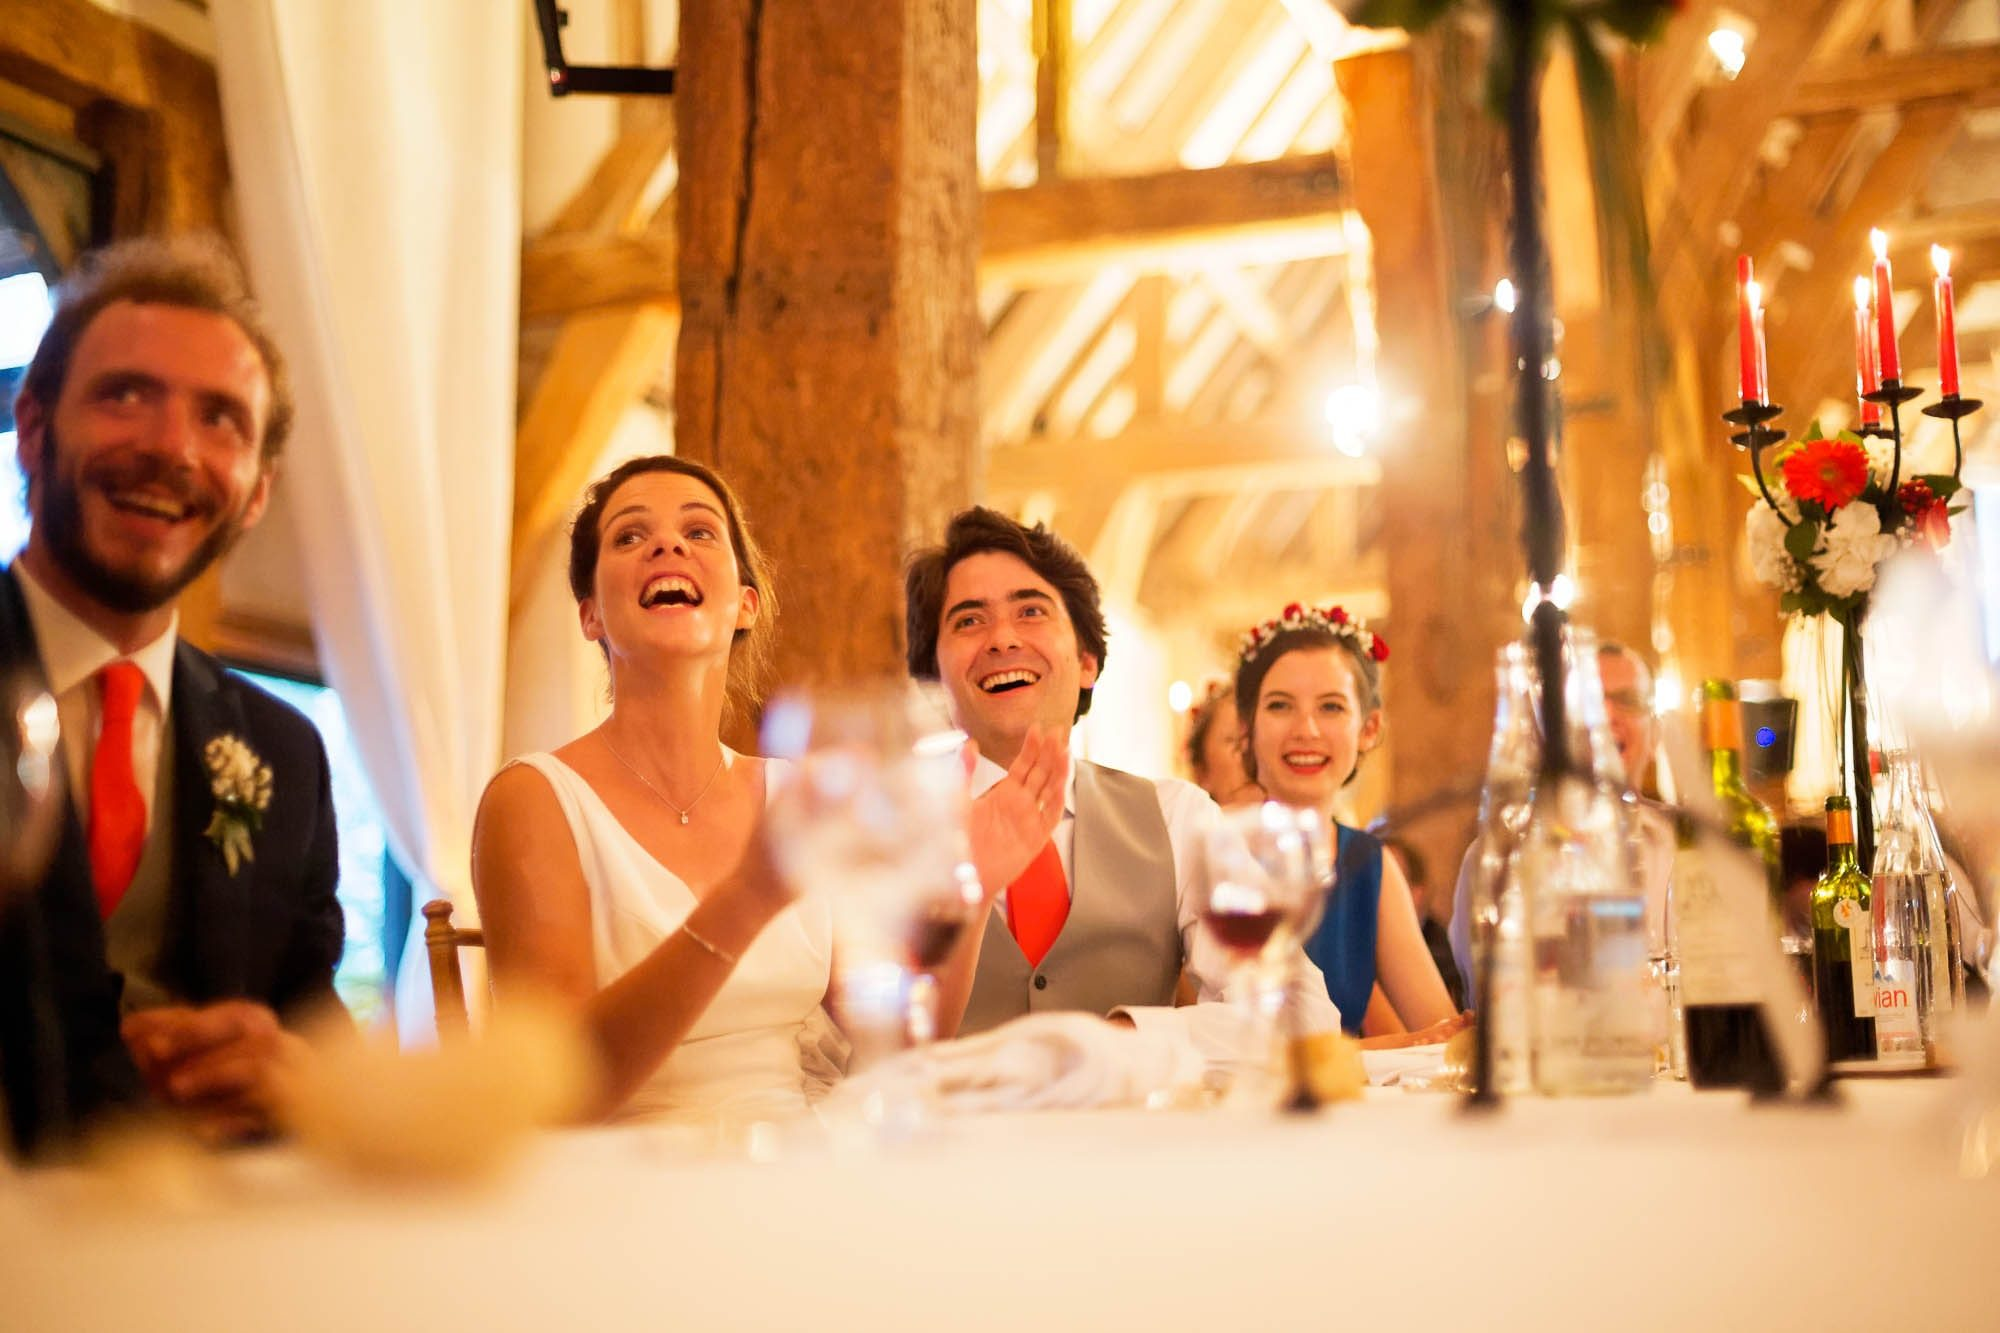 Découvrez le Manoir de conry pour mariage